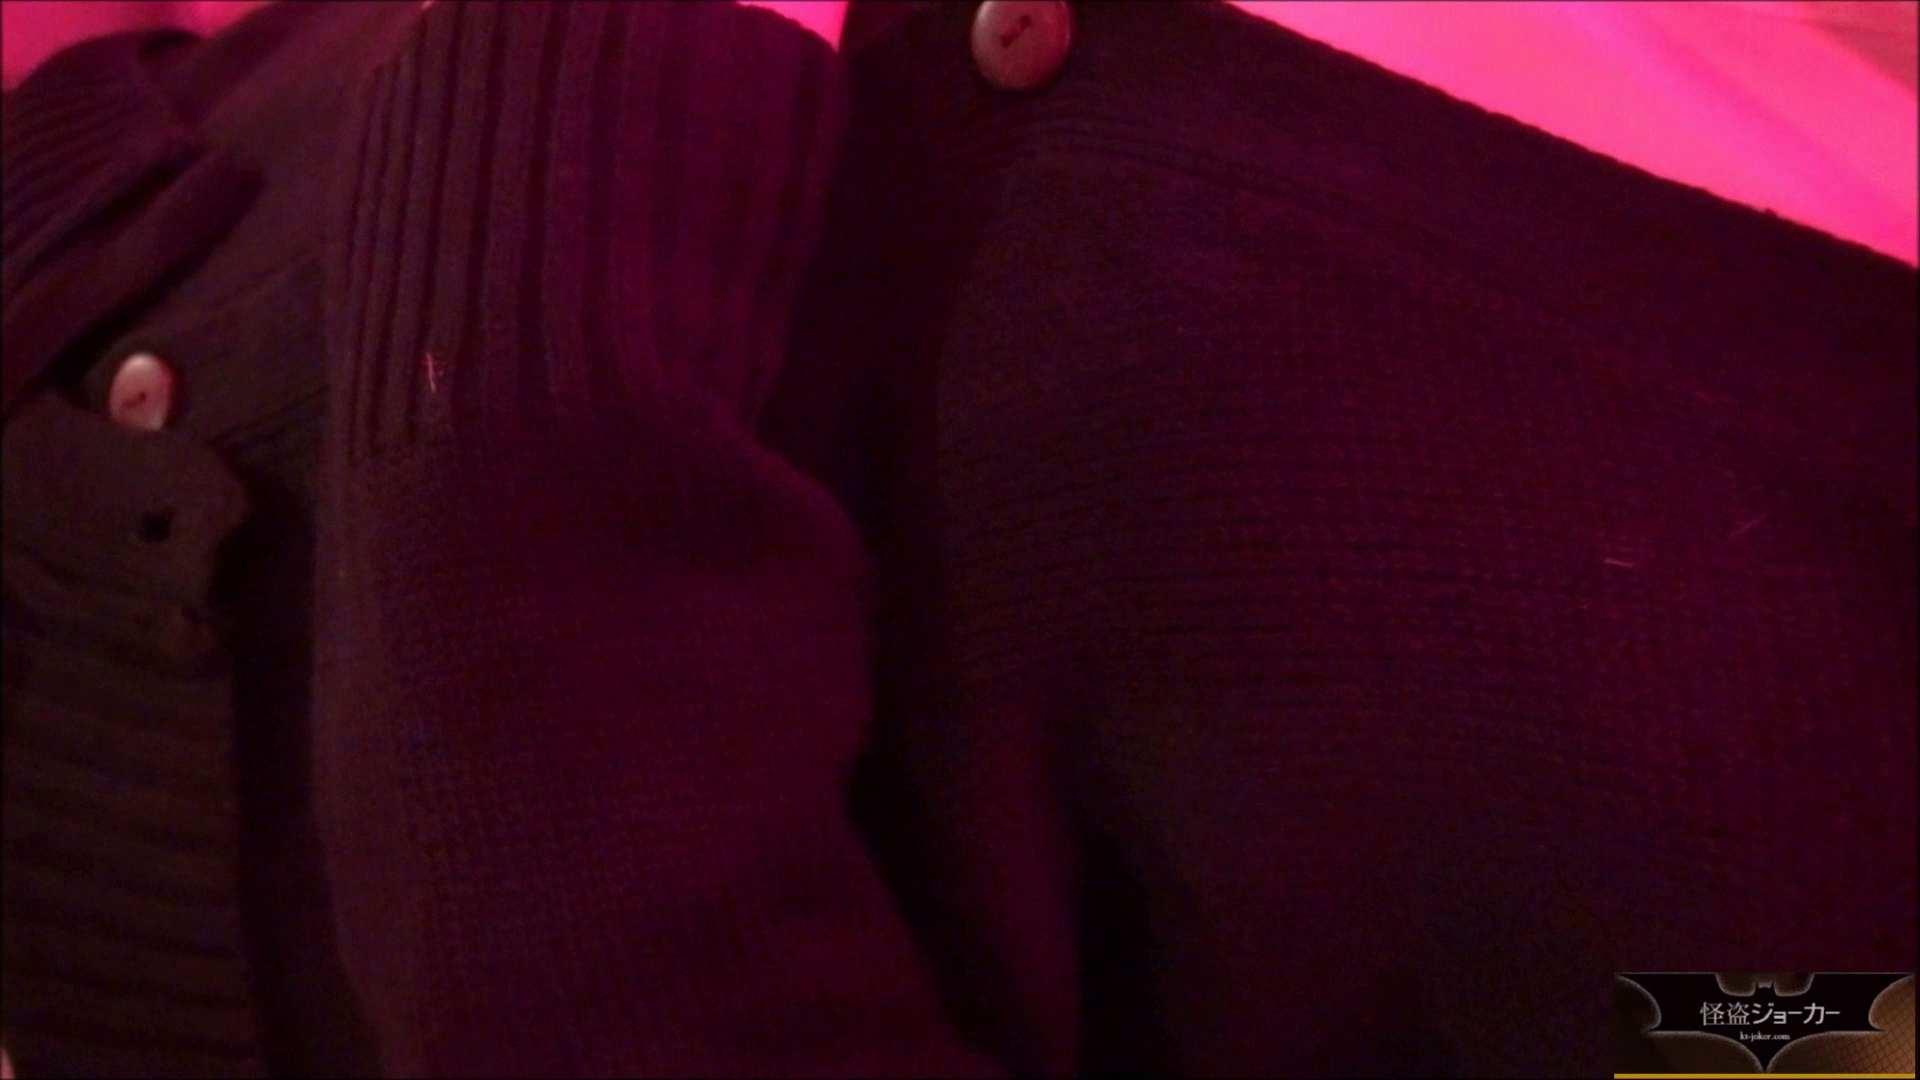 【未公開】vol.50【レイカの後輩】伊吹ちゃん*愛撫と玩具【前編】 OLの実態  105pic 6